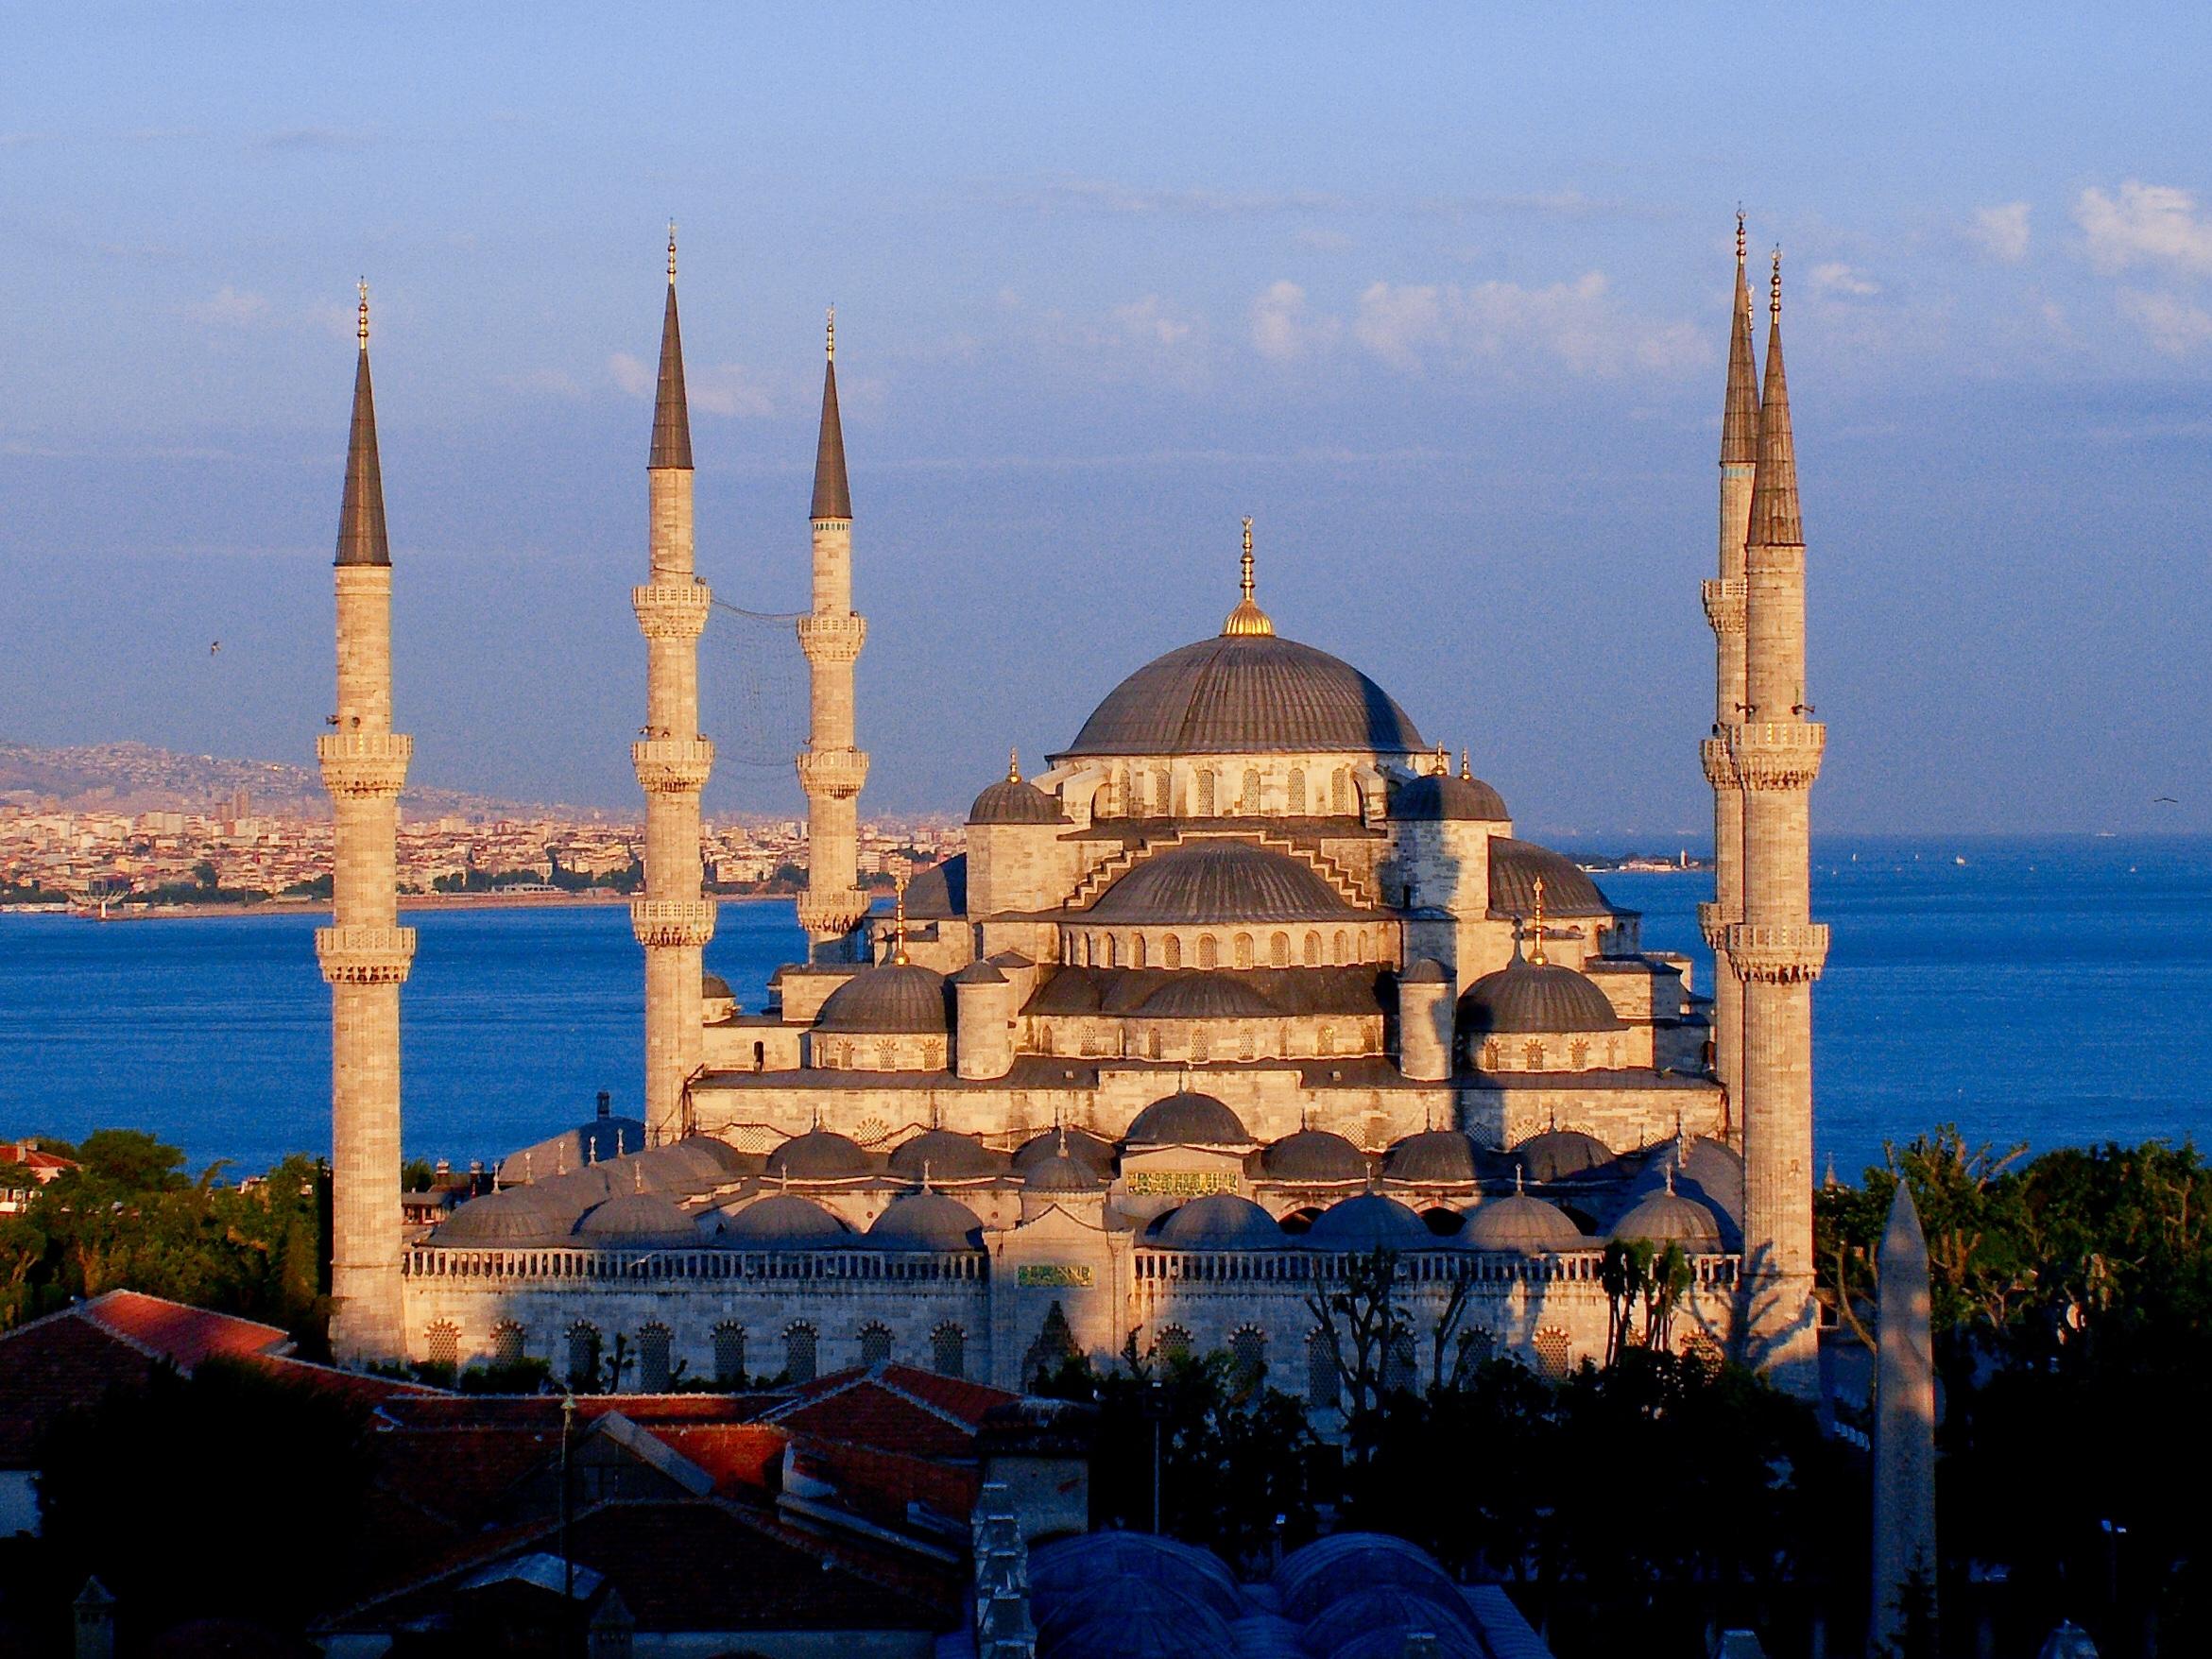 مسجد سلطان احمد از آثار تاریخی استانبول